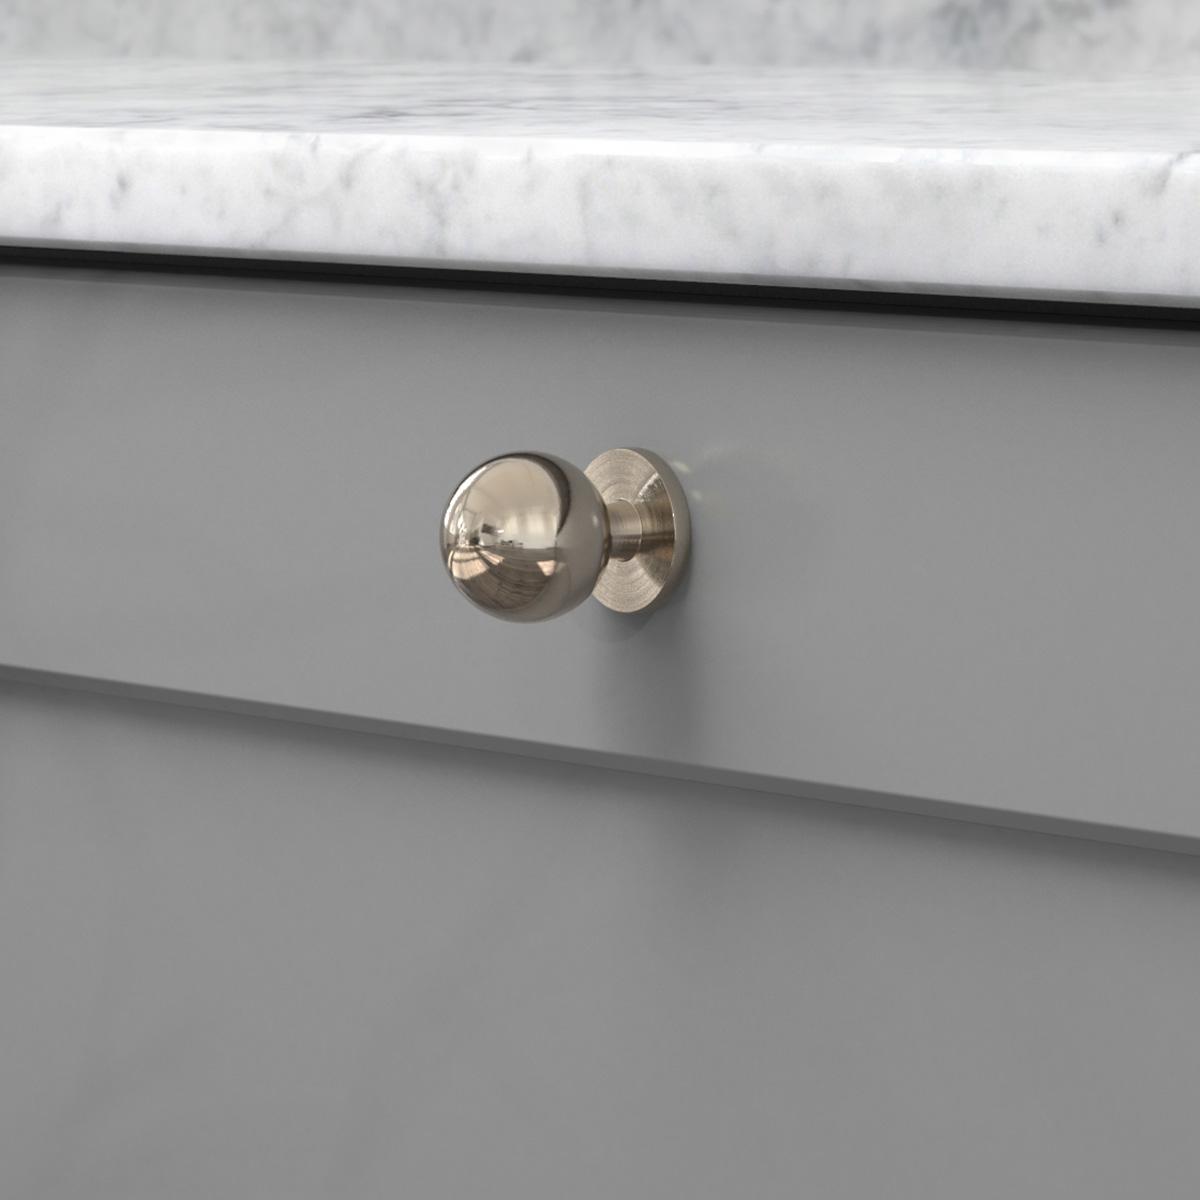 Knopp soliden förnicklad 339430 11 25 mm ncs s 4500 n marmor carrara